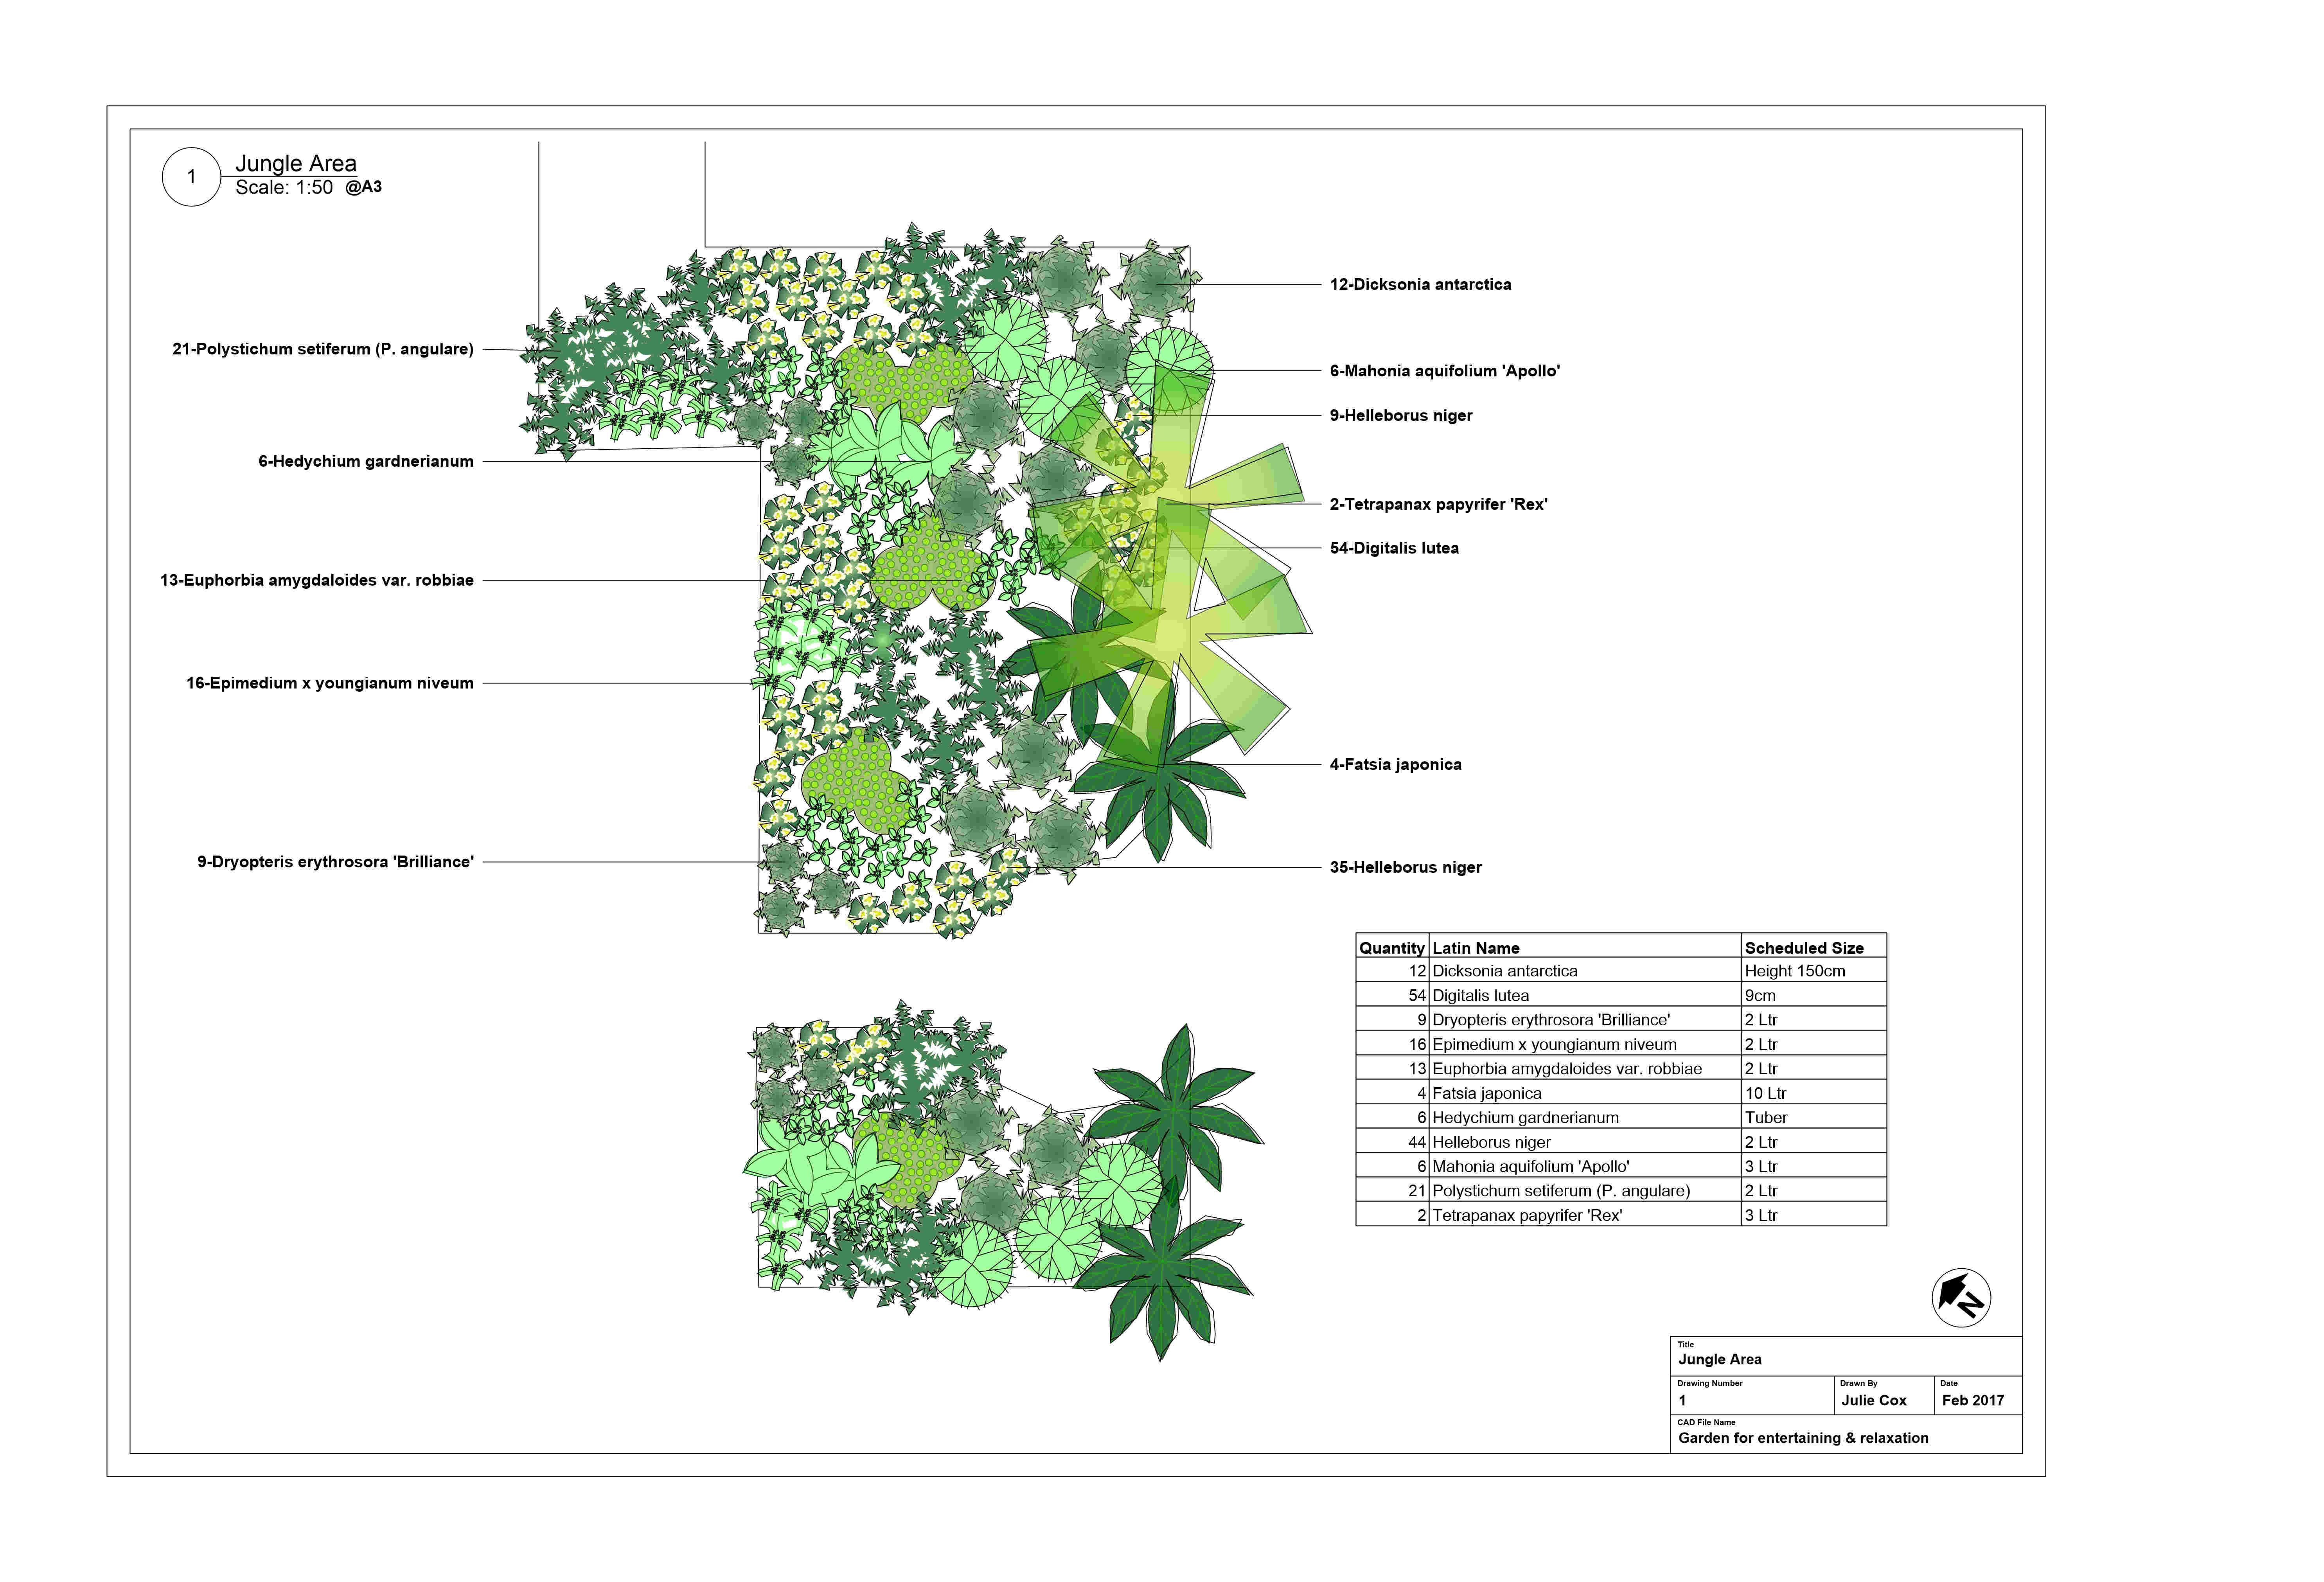 Jungle area design